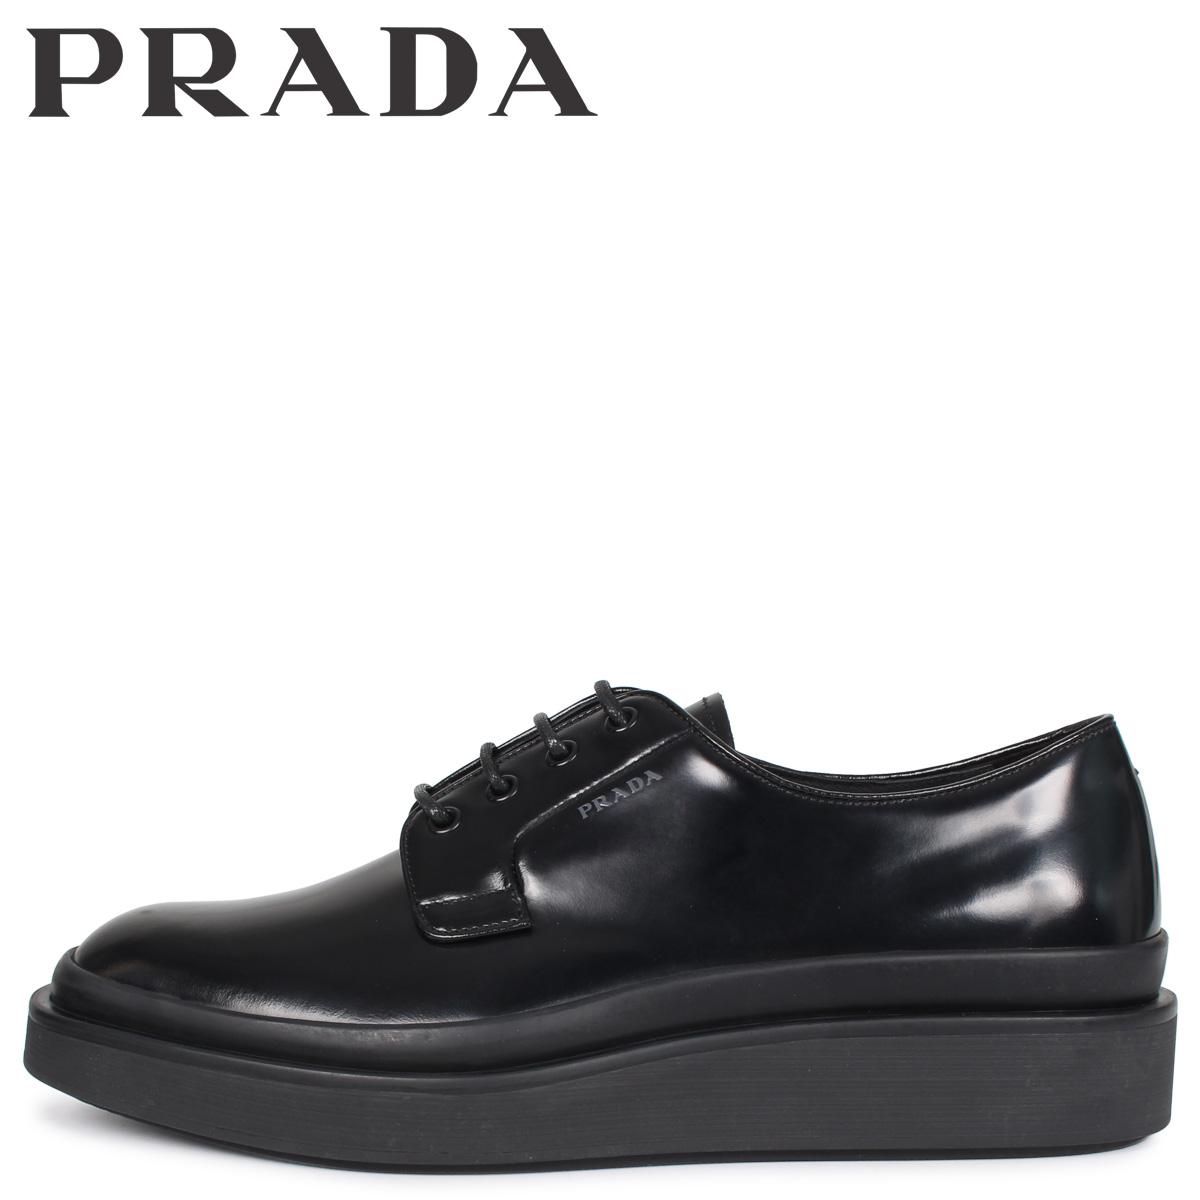 PRADA プラダ シューズ ビジネスシューズ メンズ HIGH SOLE LACE UP ブラック 黒 2EE311 [3/3 新入荷]